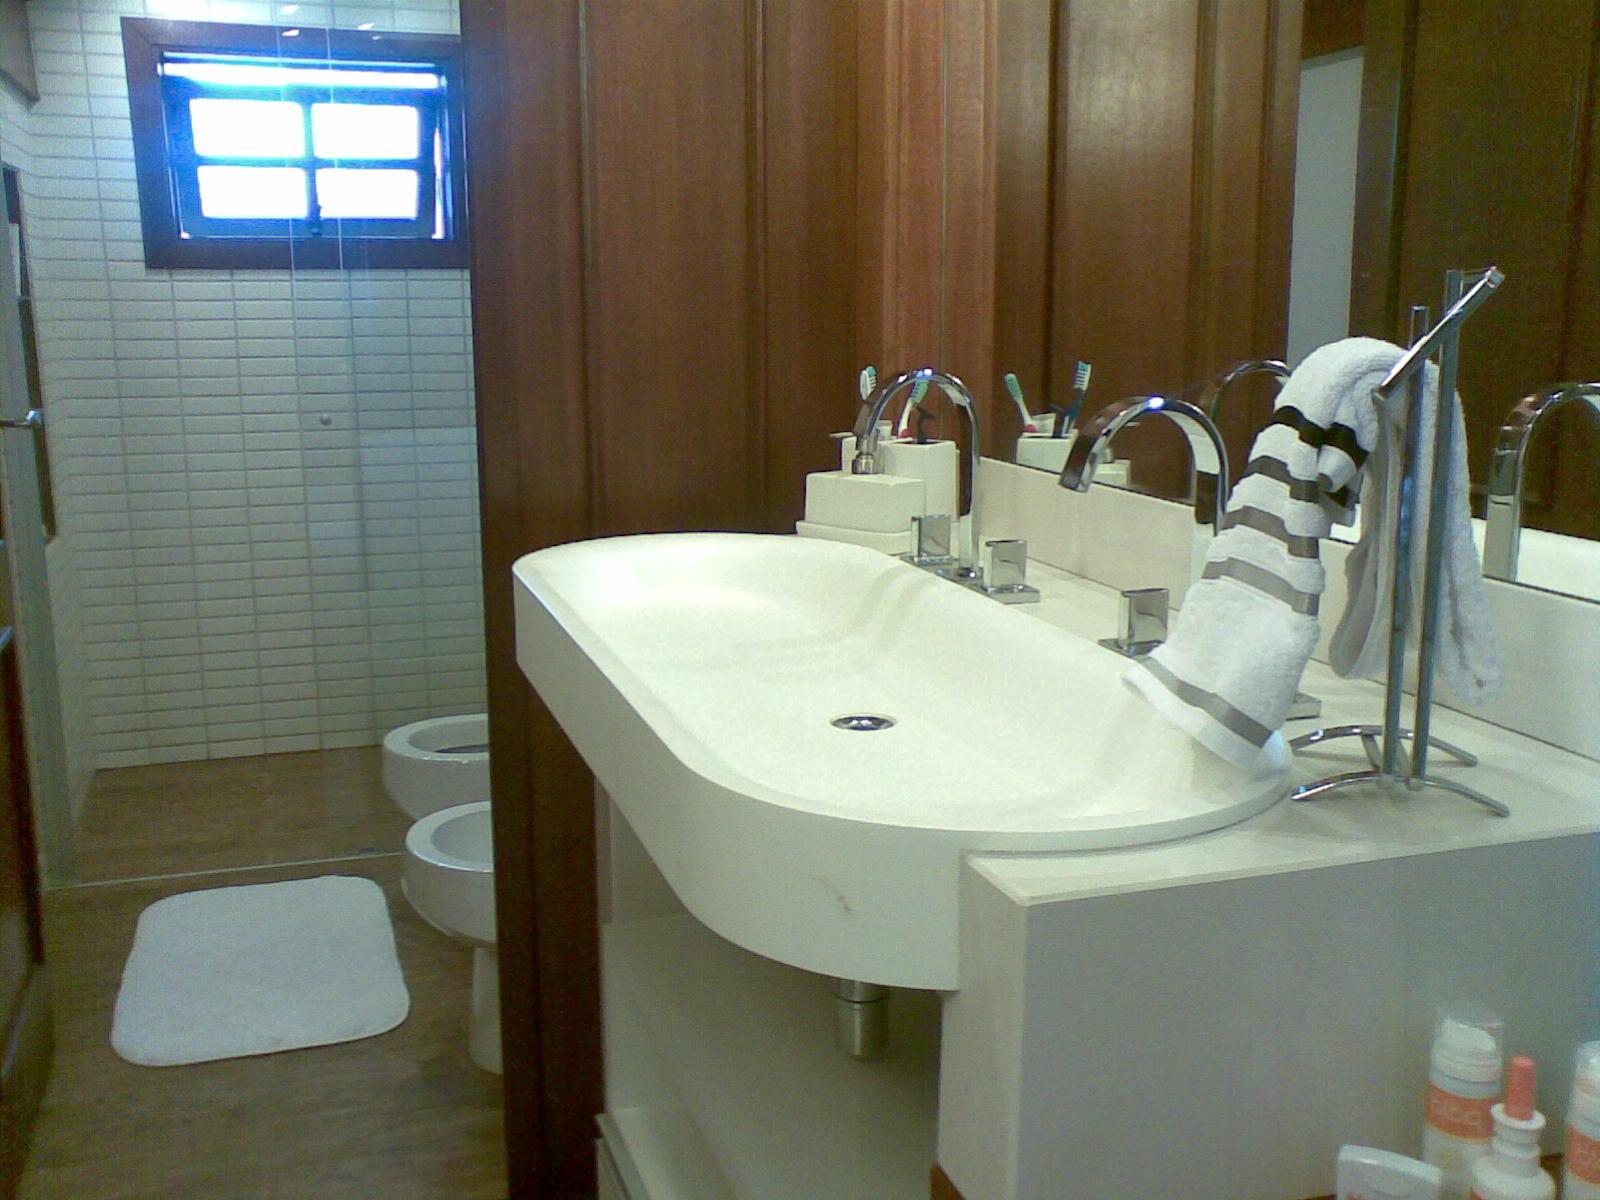 Cuba para Banheiro, Modelos Coloridas e de Diferentes Modelos  Ideias Mix -> Cuba Banheiro Grande